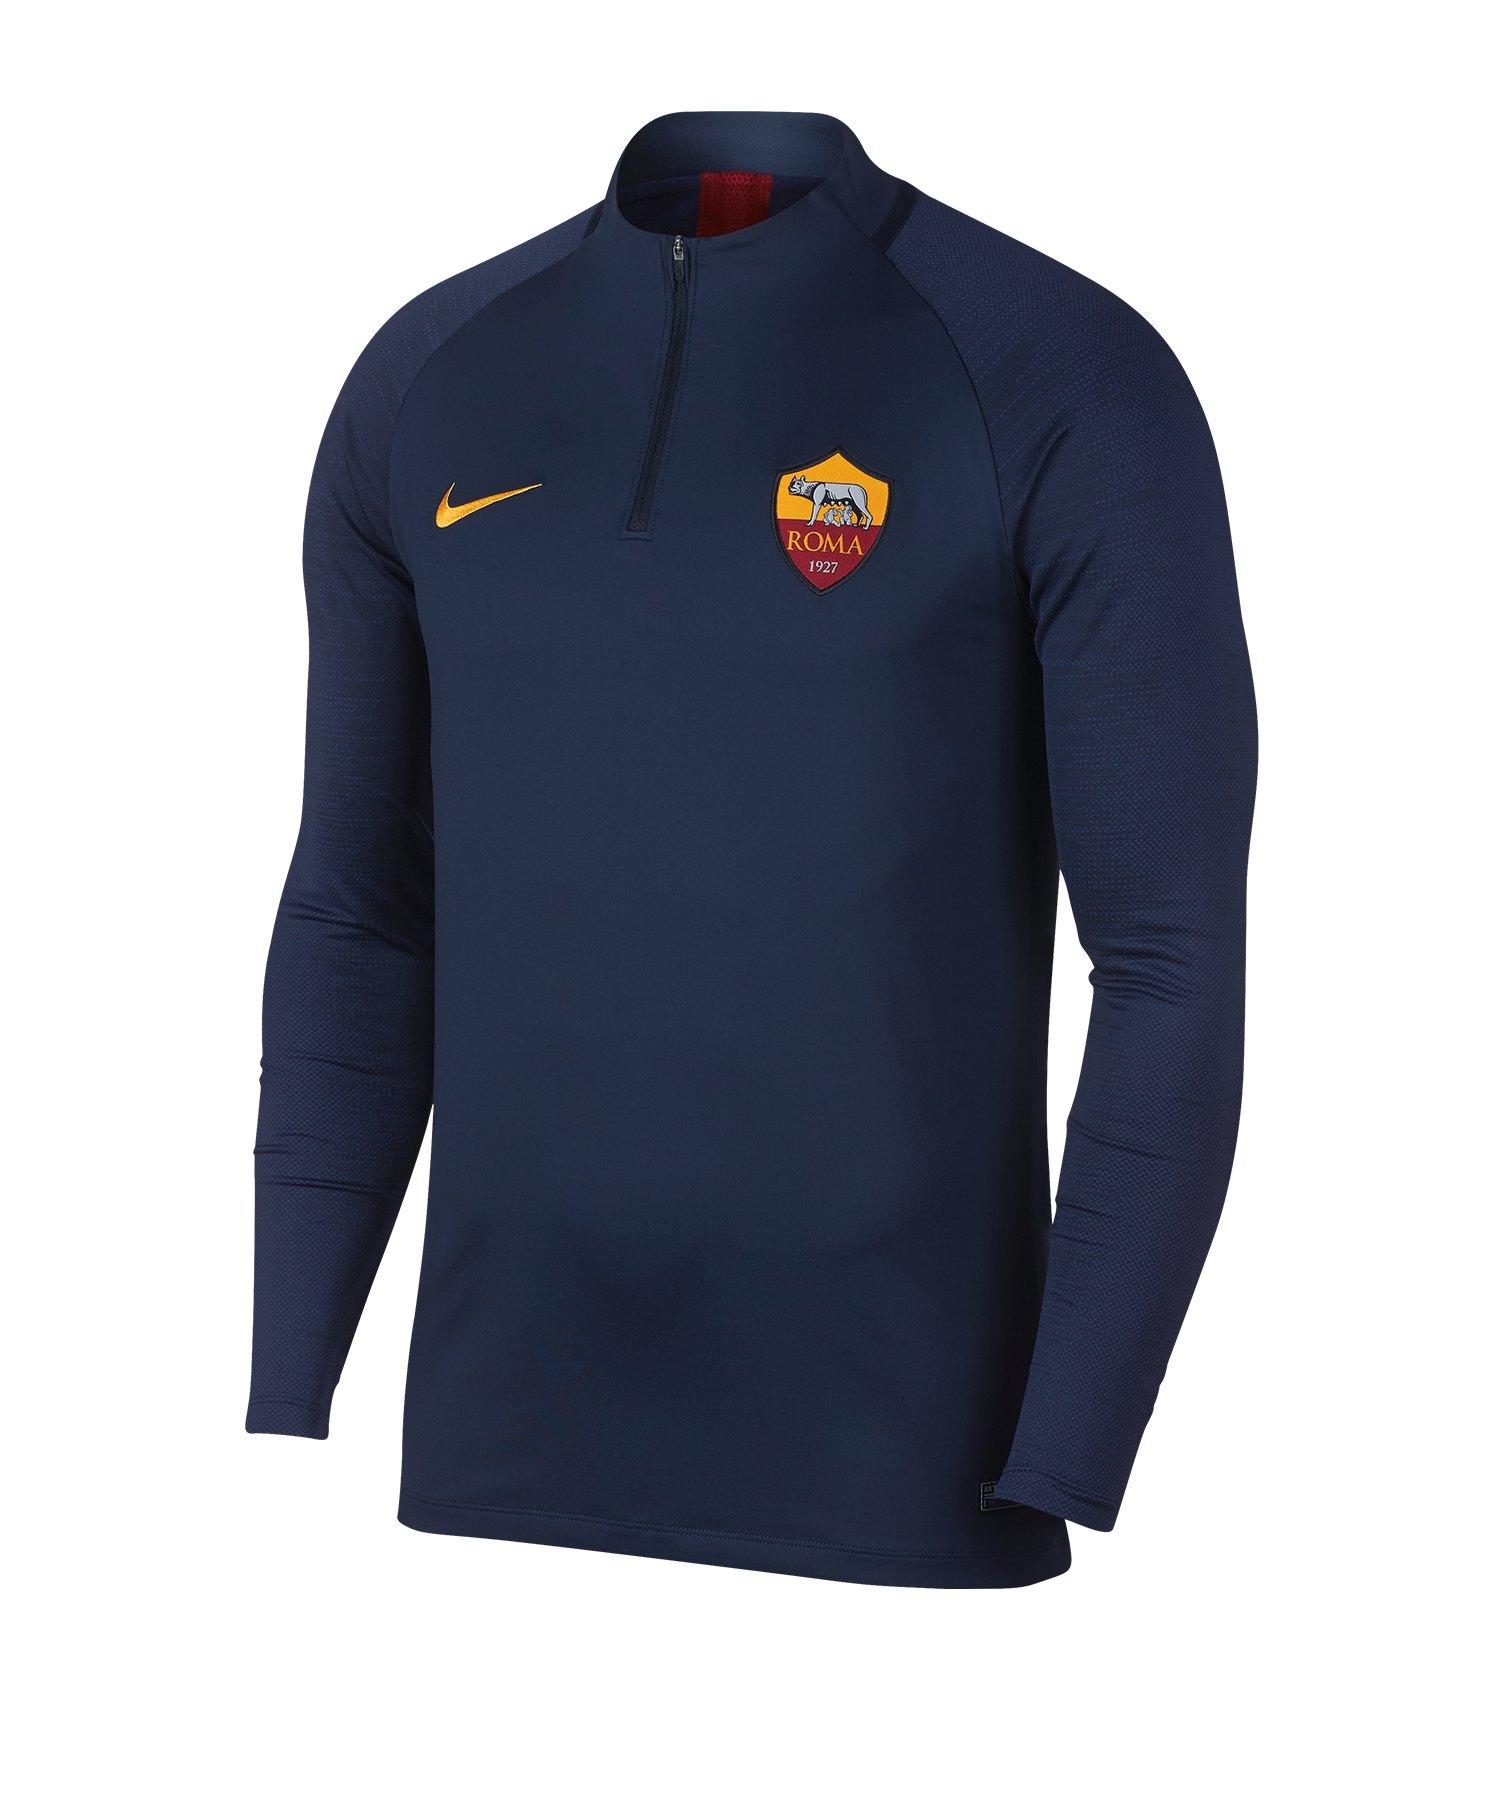 Nike AS Rom Dry Drill Top Blau F475 - Blau